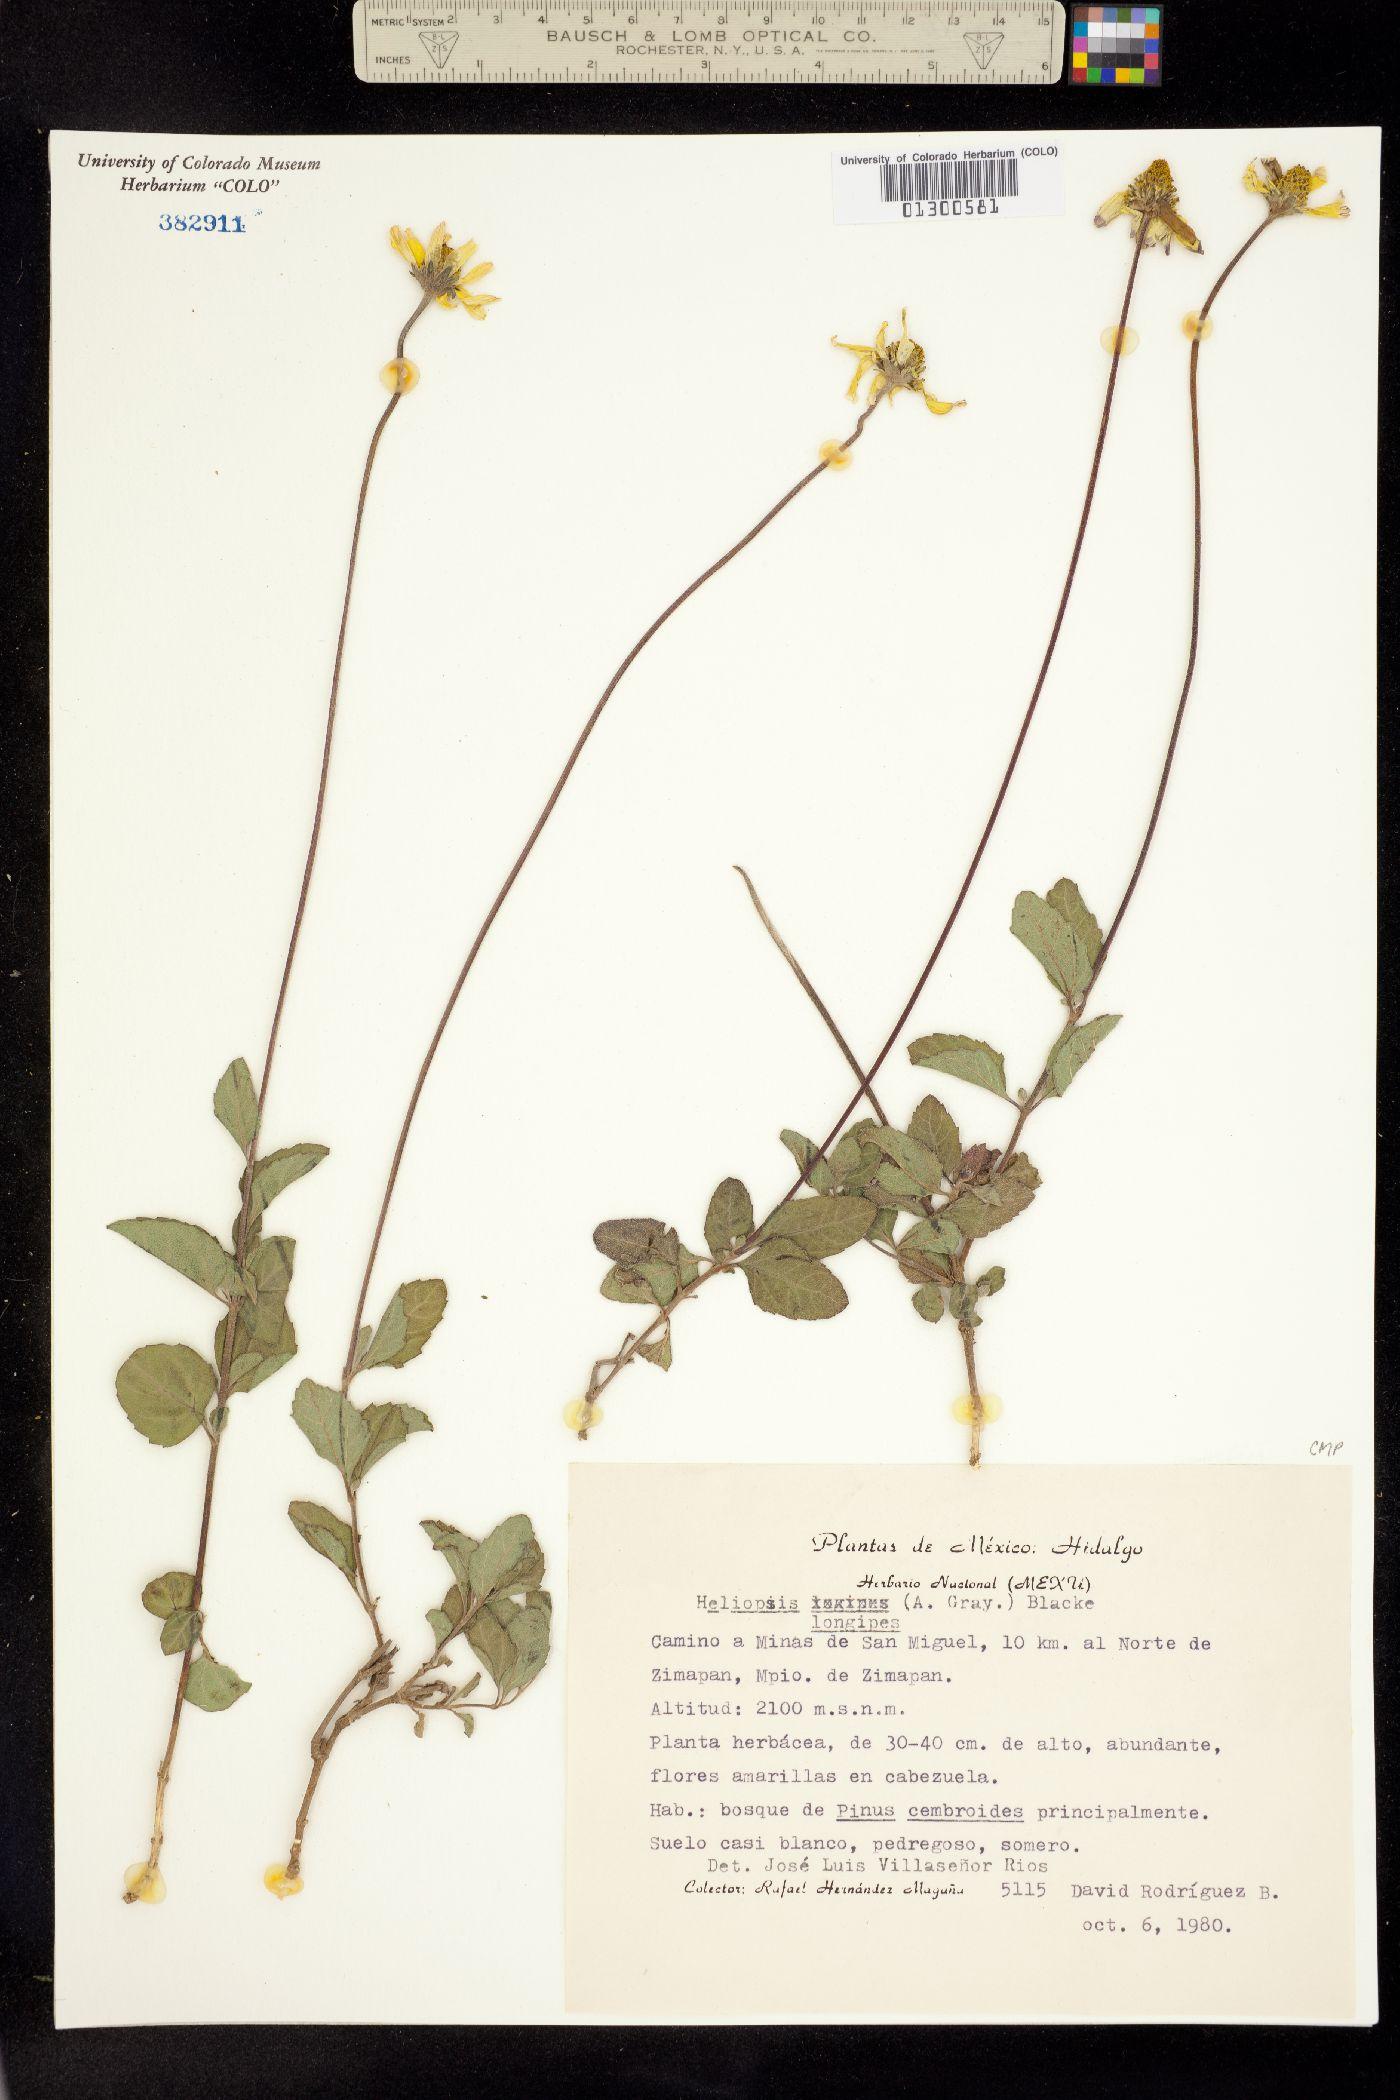 Heliopsis longipes image